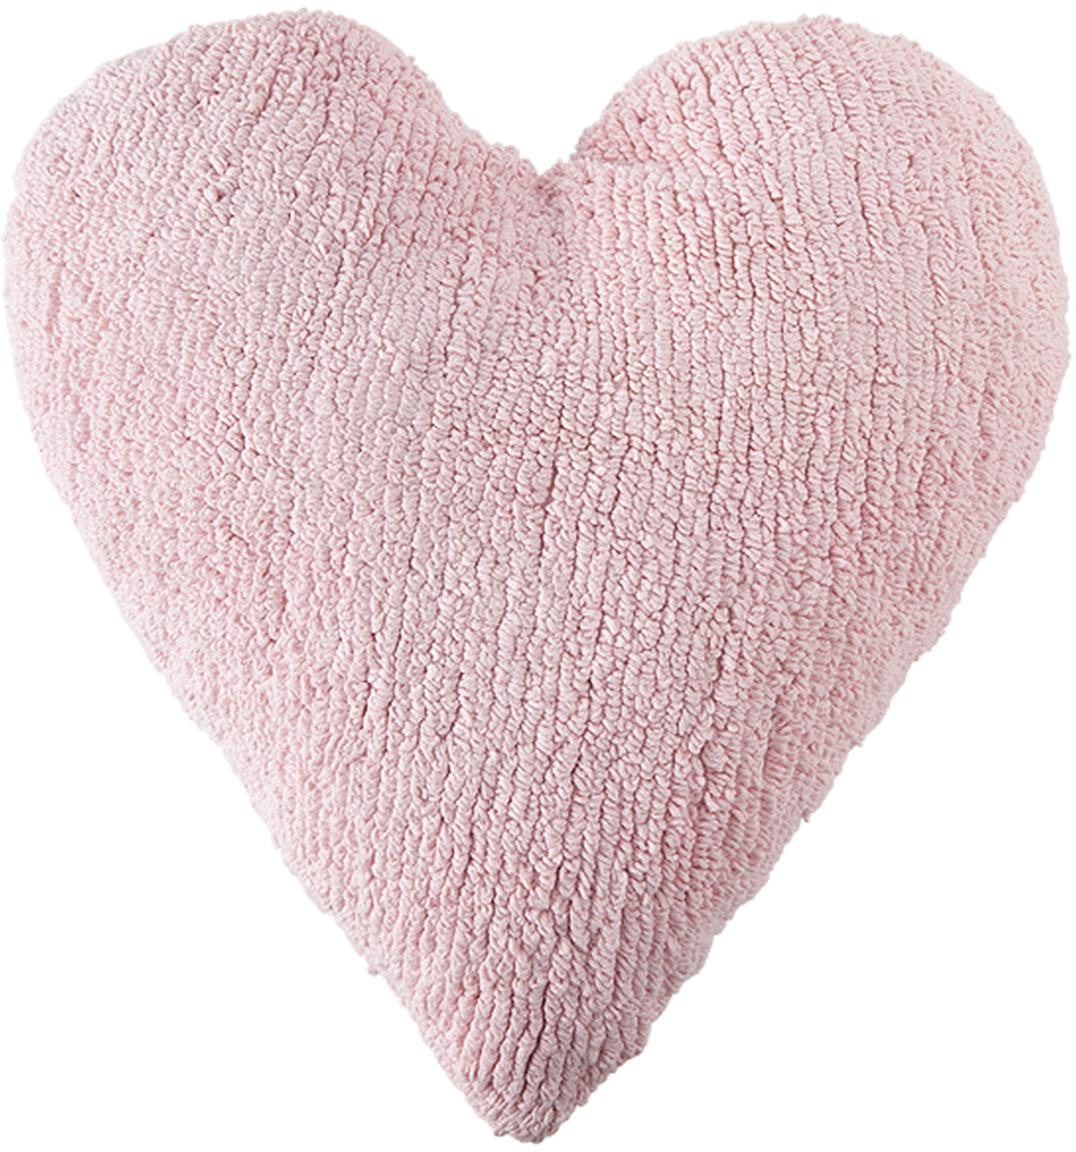 Herzförmiges Kissen Corazón in Rosa, mit Inlett, Bezug: 97% Baumwolle, 3% recycel, Hellrosa, 47 x 50 cm